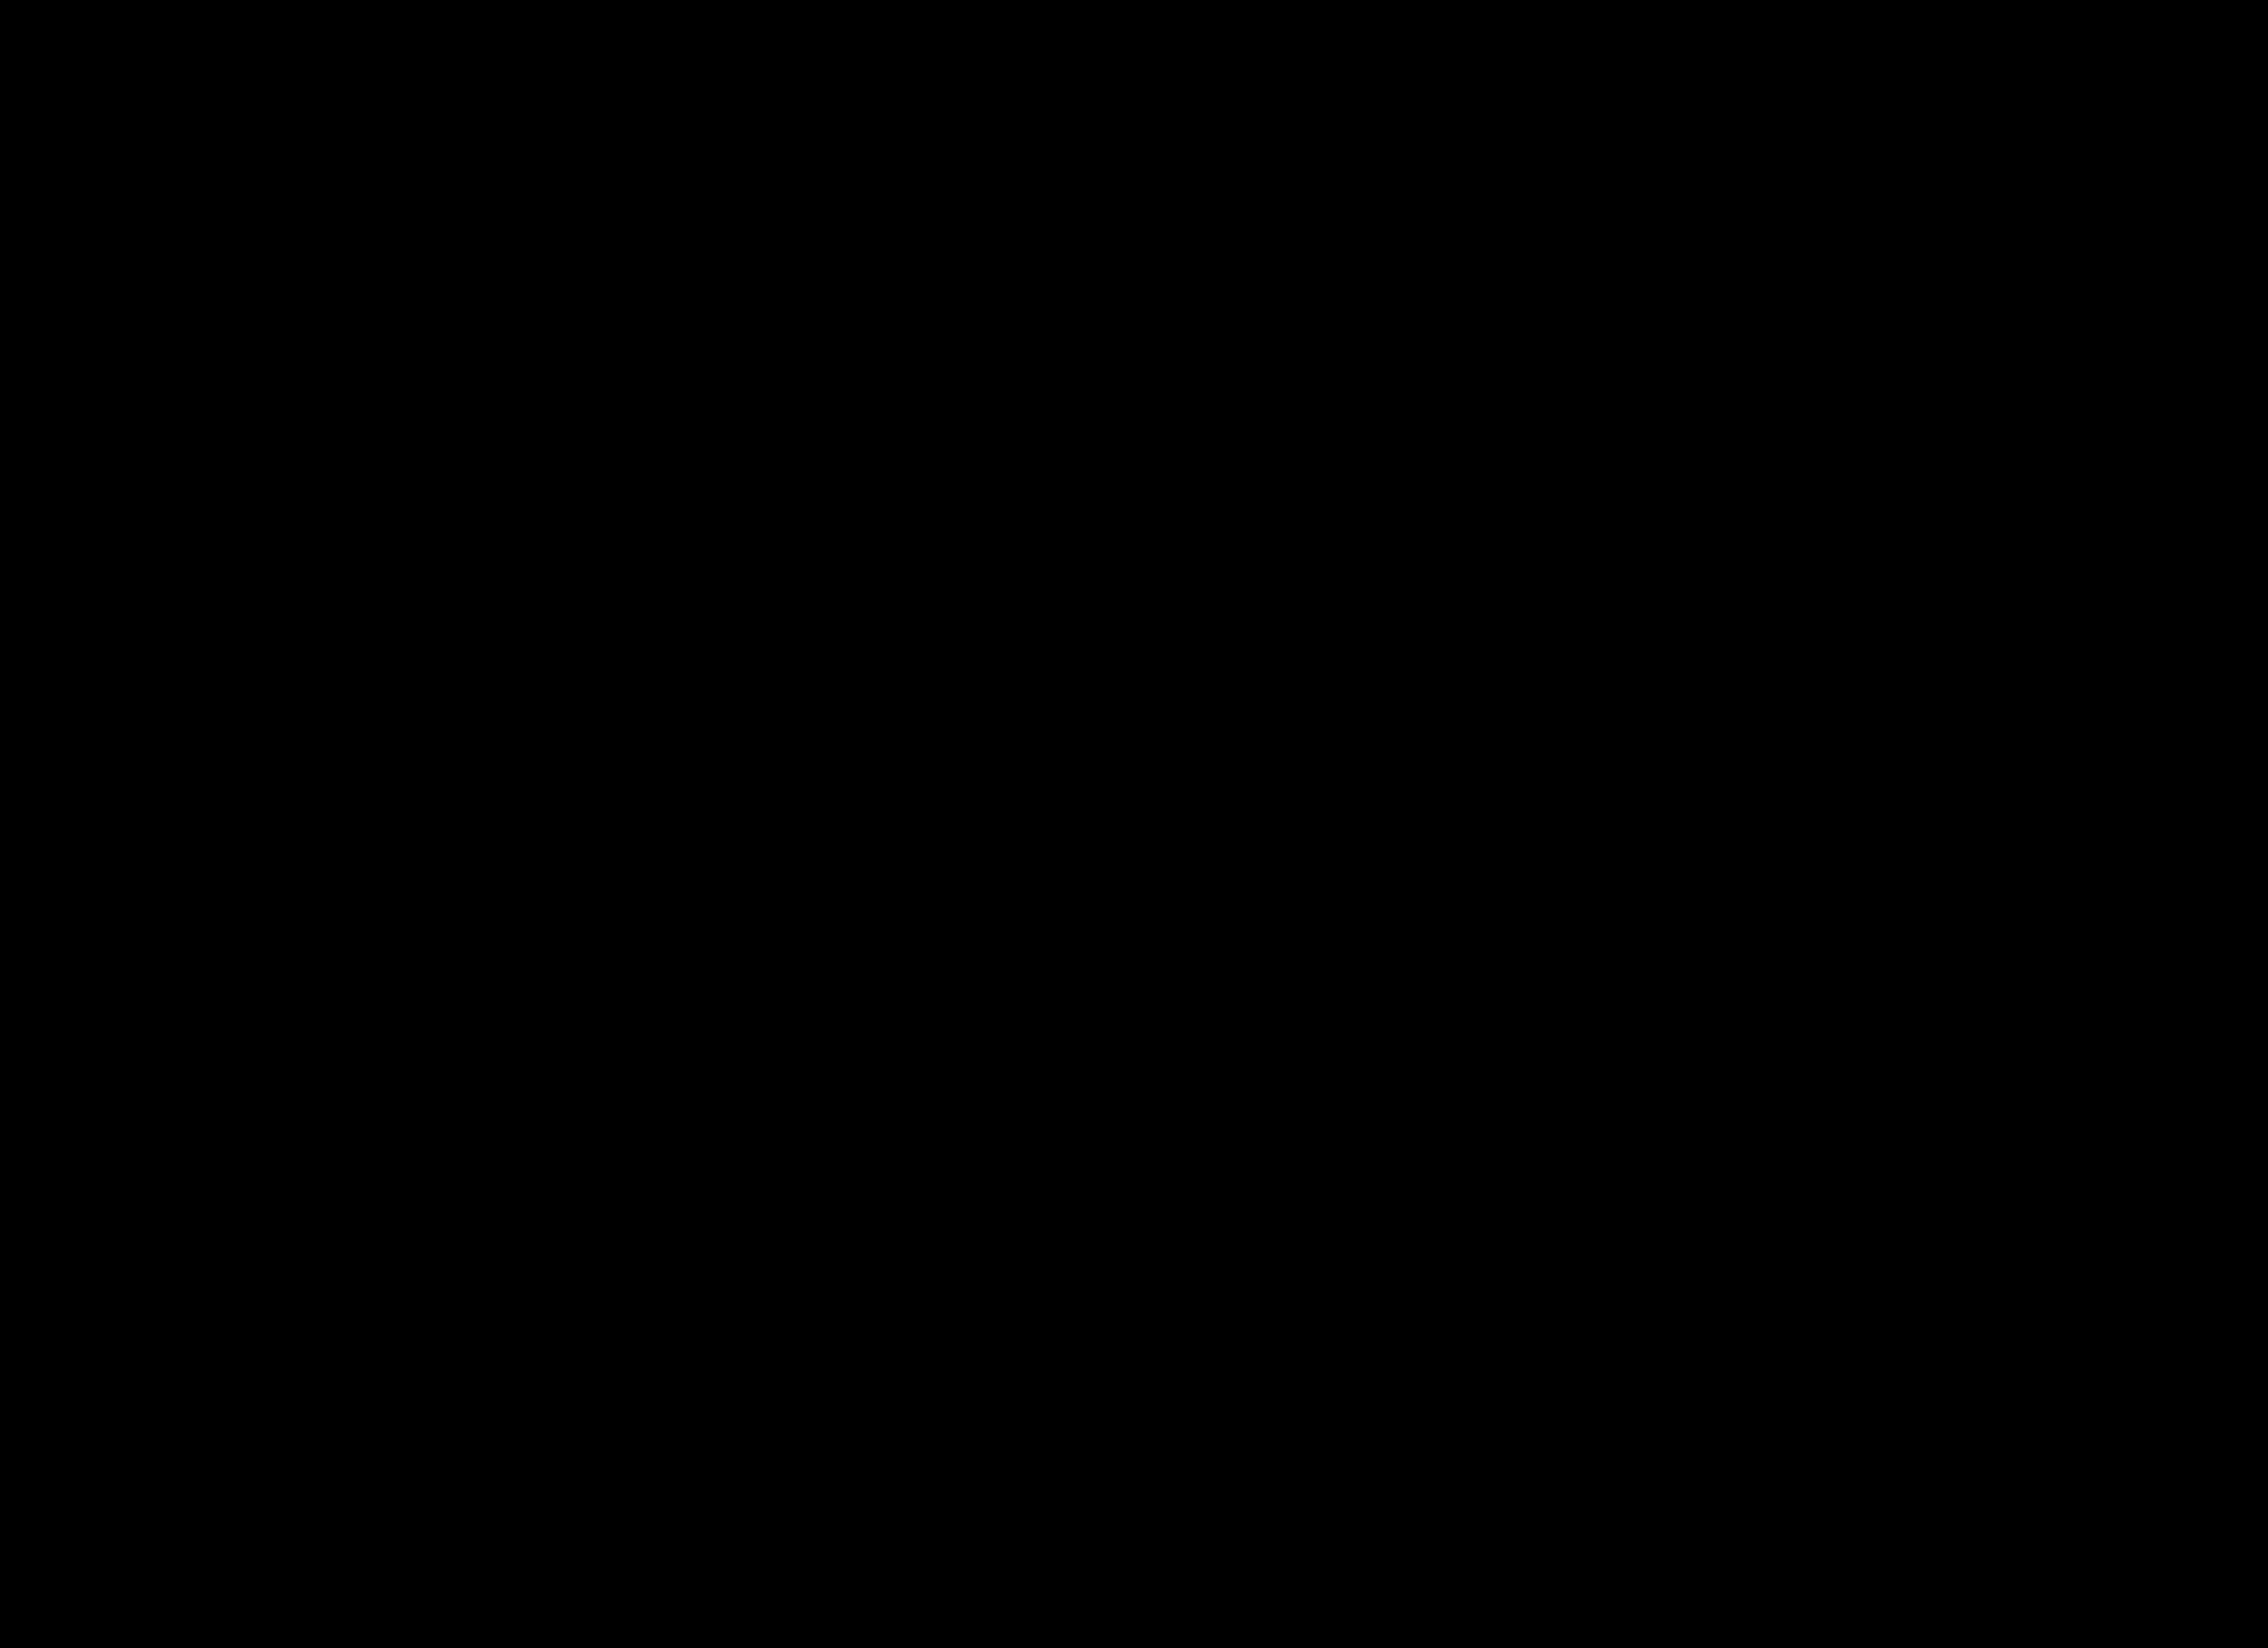 Filecarte Physique Administrative Et Routiere De La France No 2